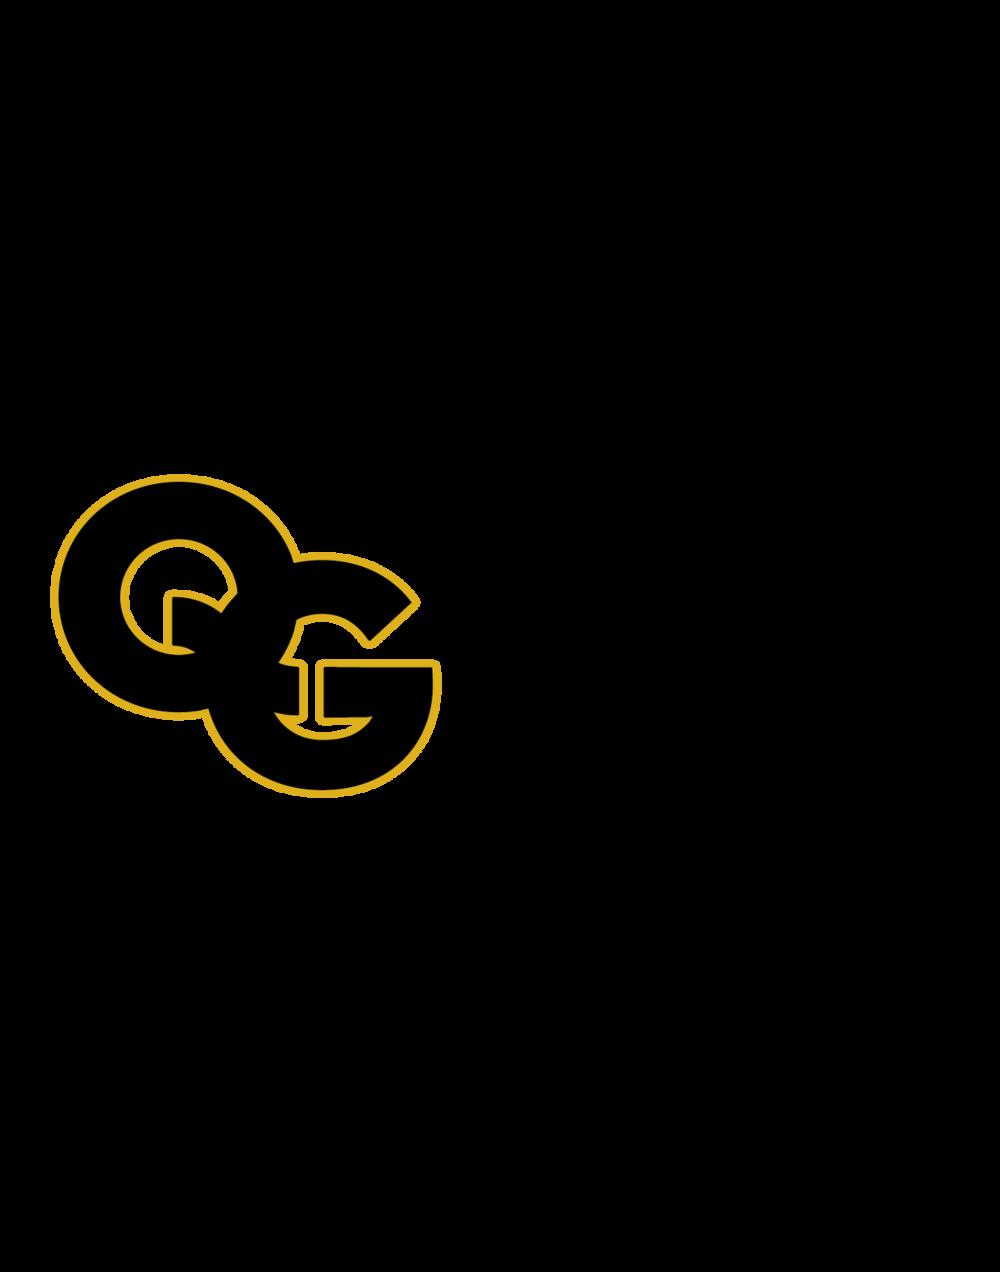 QG-Logo-1.png